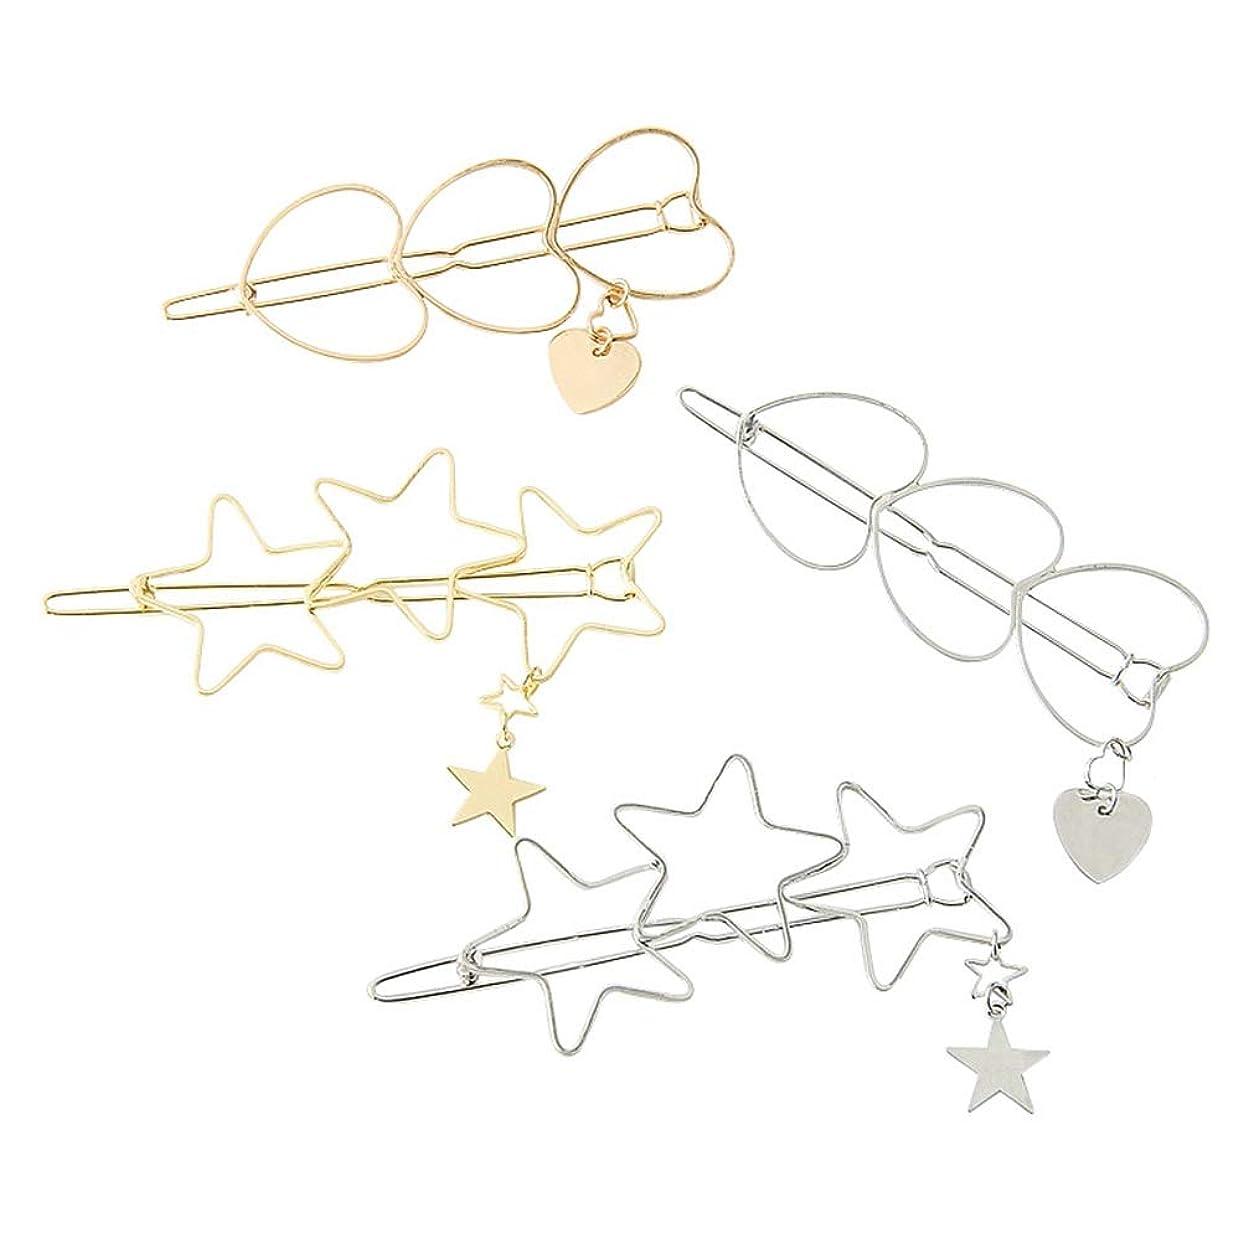 滑り台効率文法Lurrose 4本のペンタグラムヘアクリップハートヘアクリップくり抜き髪飾り(スリーペンタグラム - シルバー、スリーペンタグラム - ゴールデン、スリーハート - シルバー、スリーハート - ゴールデン、各1枚)